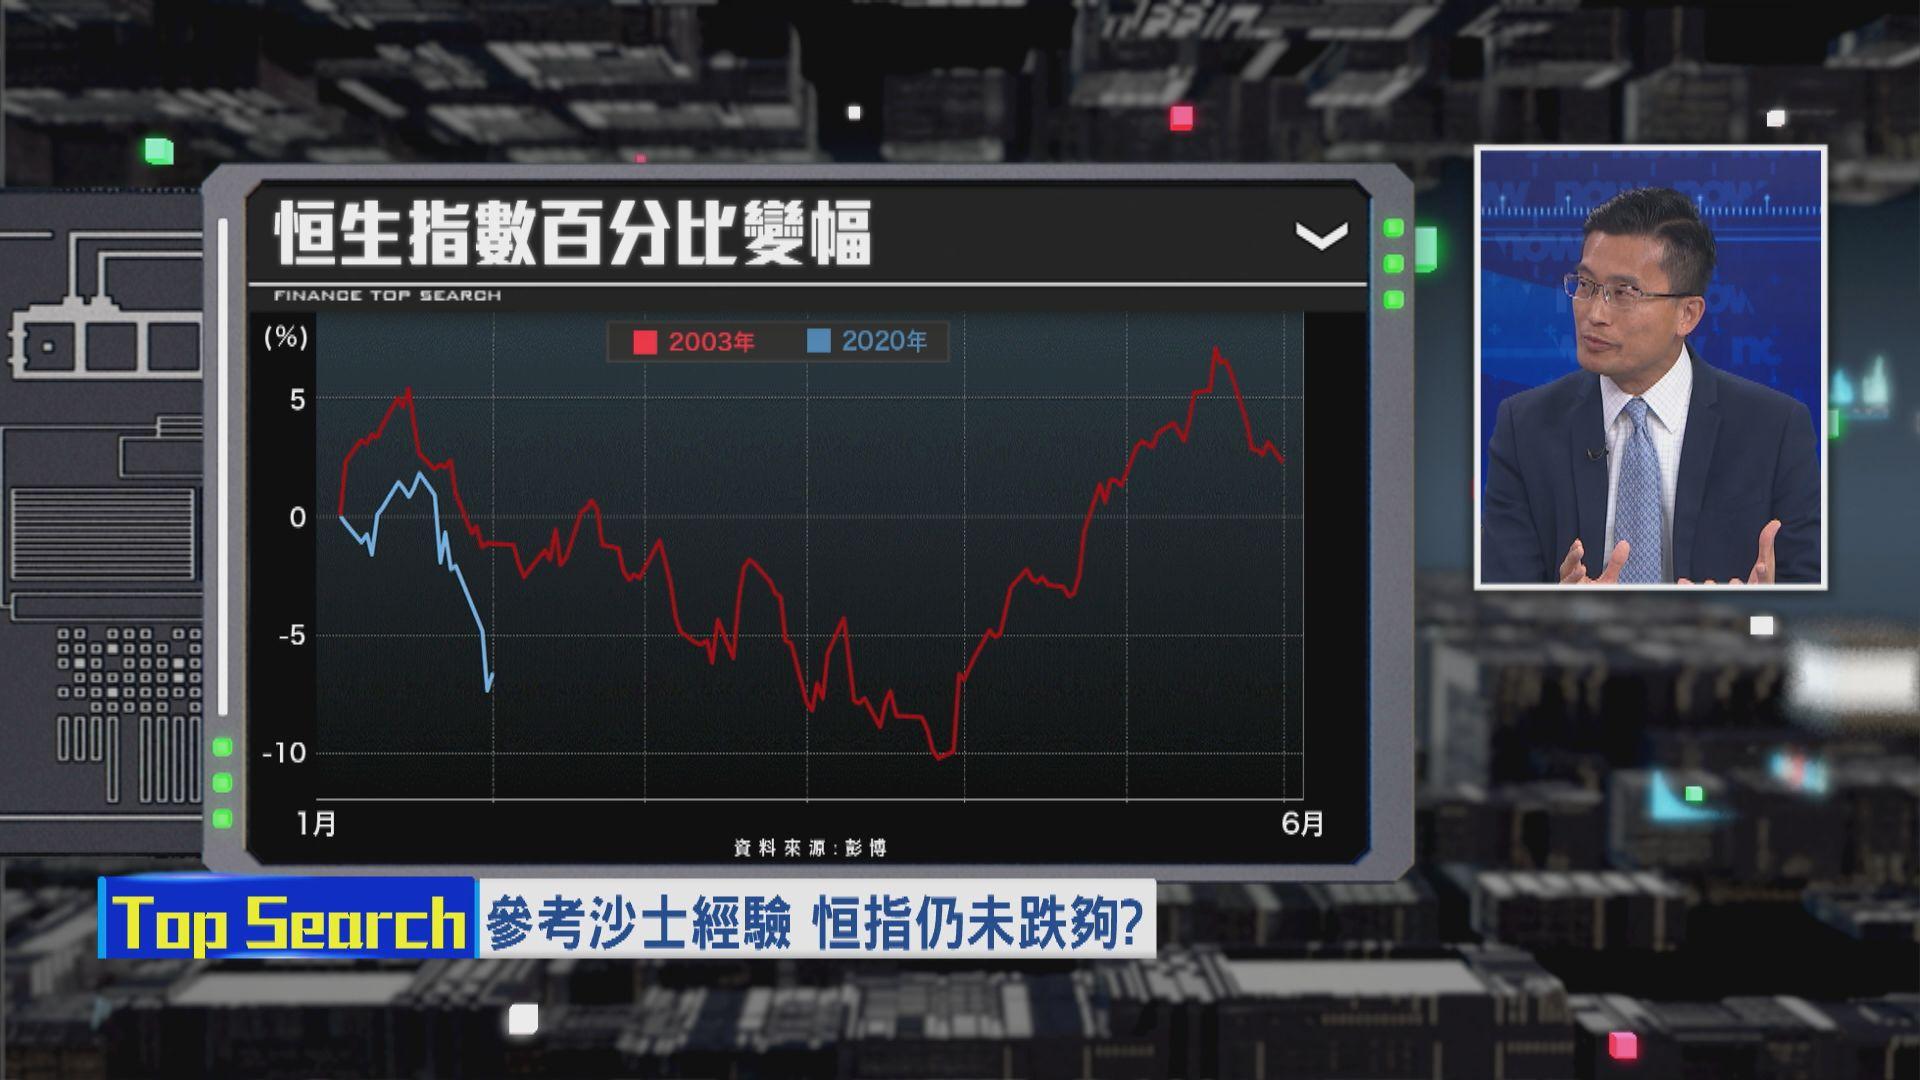 【財經TOP SEARCH】疫情擴散 市場悲觀情緒蔓延